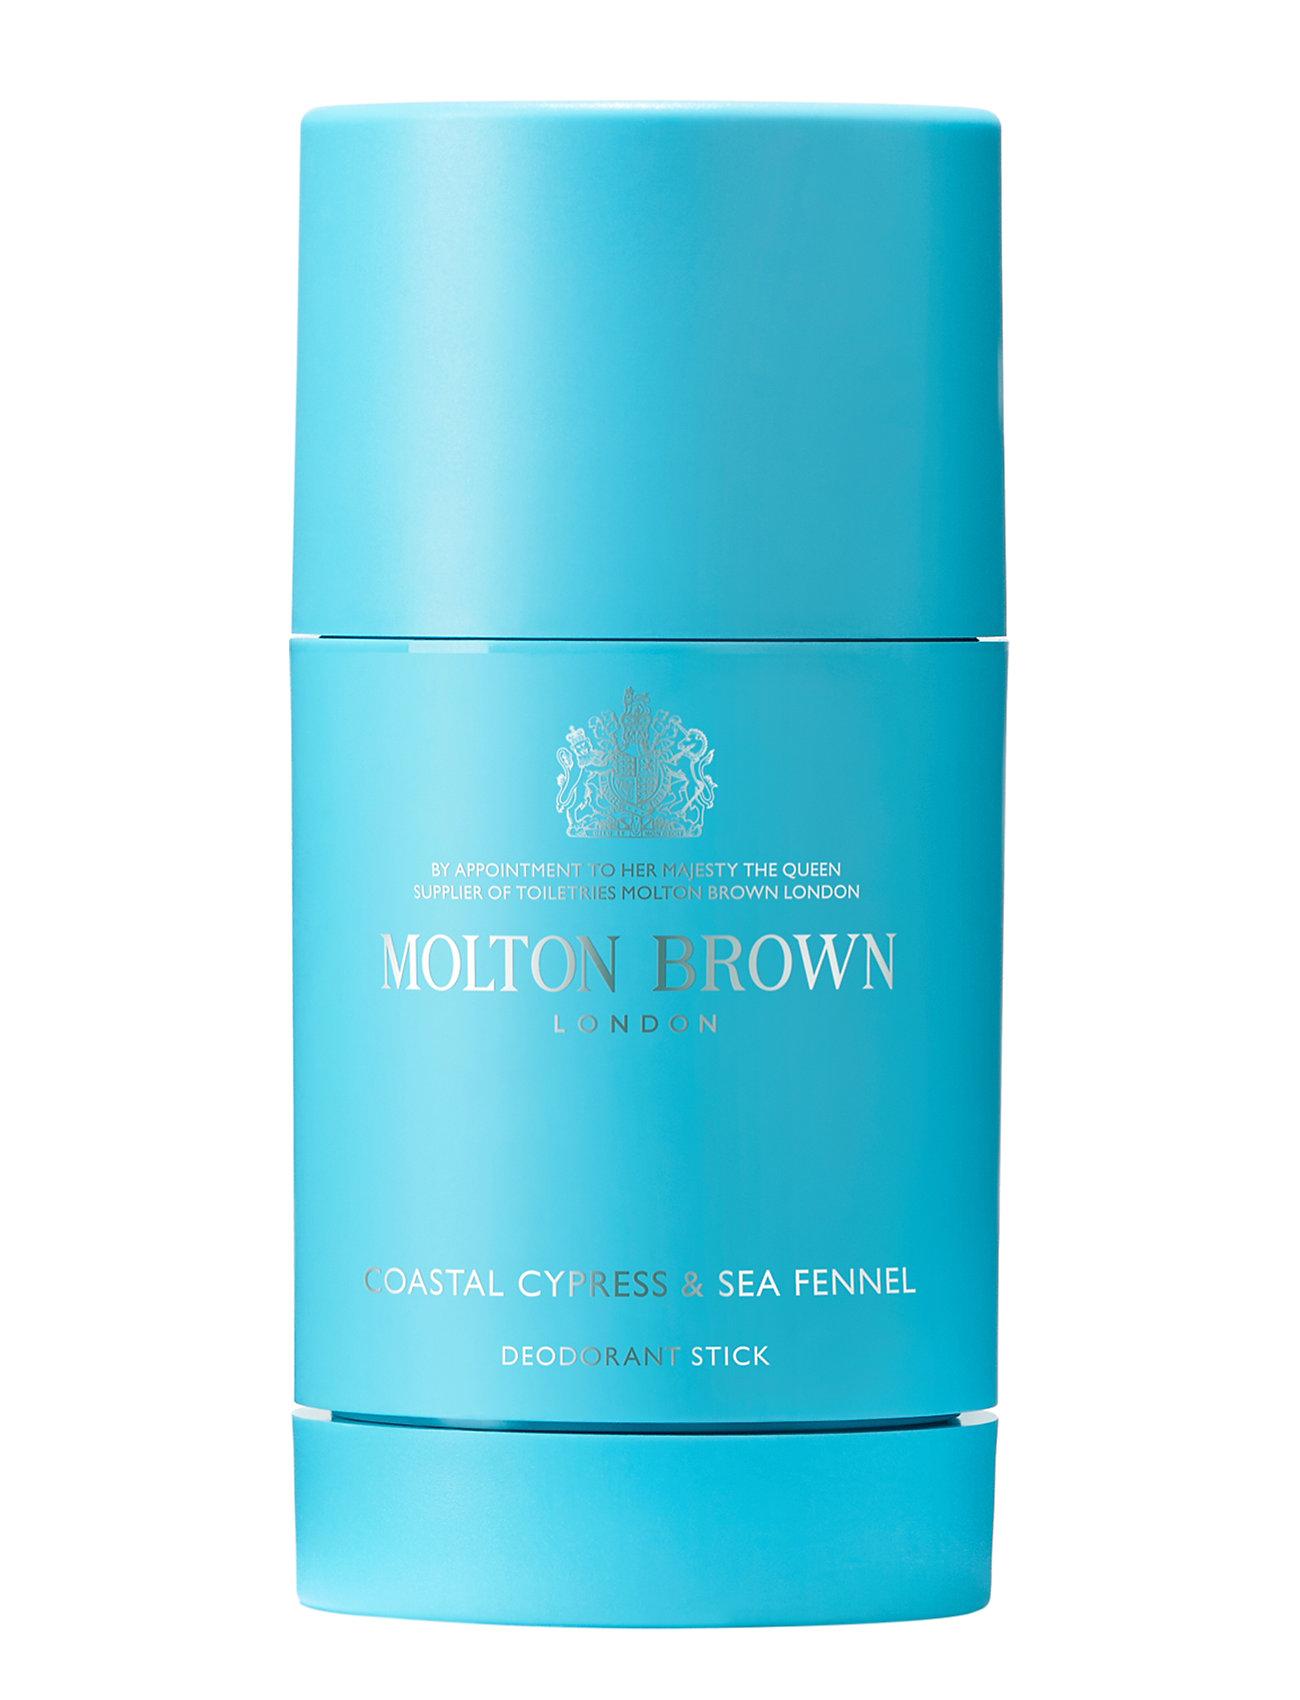 Molton Brown Coastal Cypress & Sea Fennel Deodorant Stick 75g - NO COLOUR